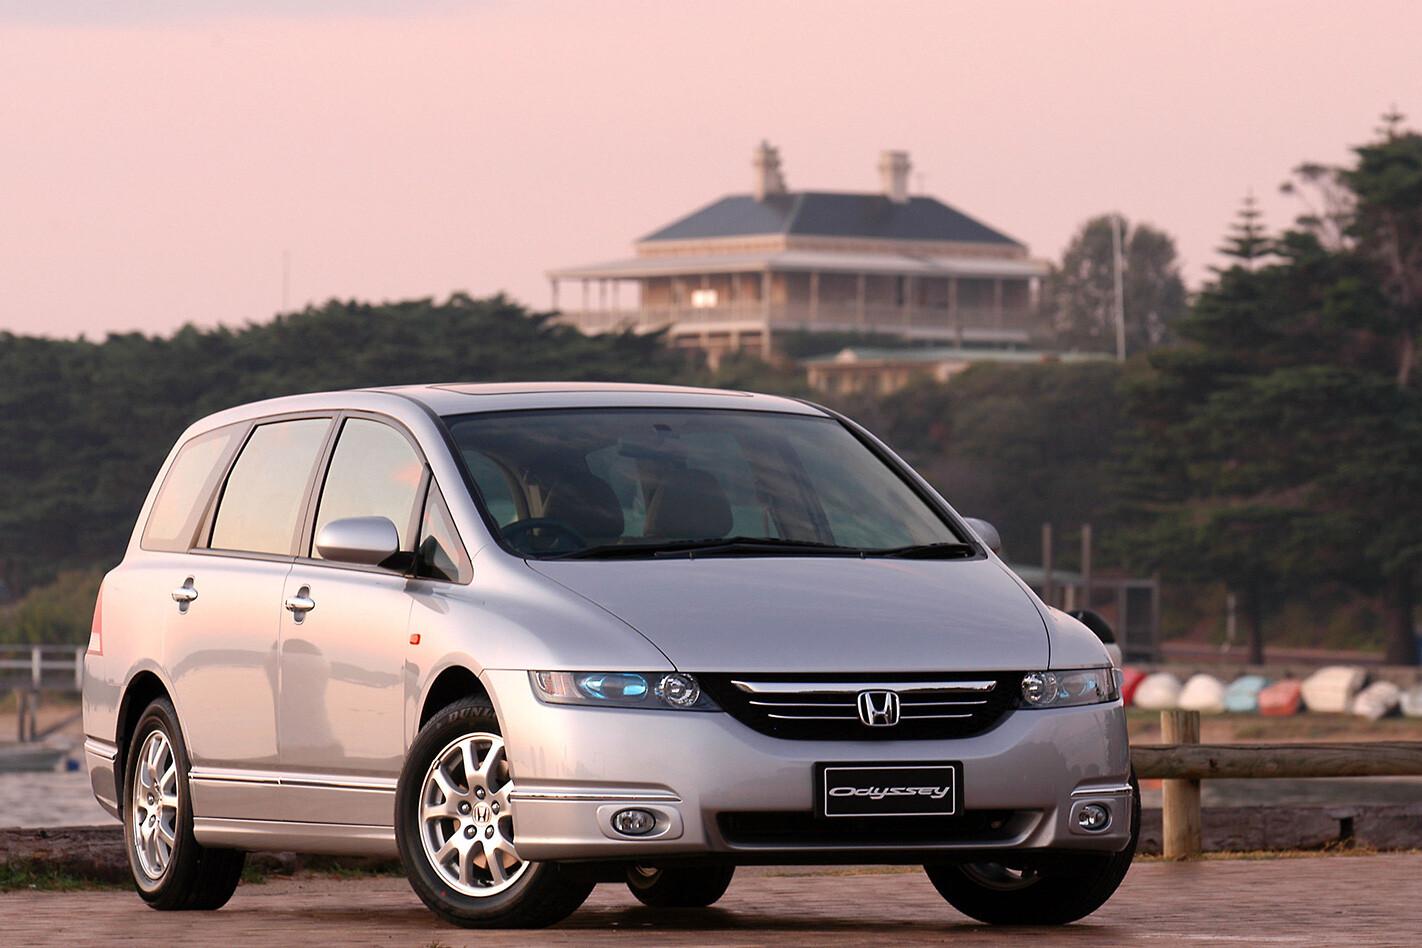 Honda 50 Odyssey Jpg